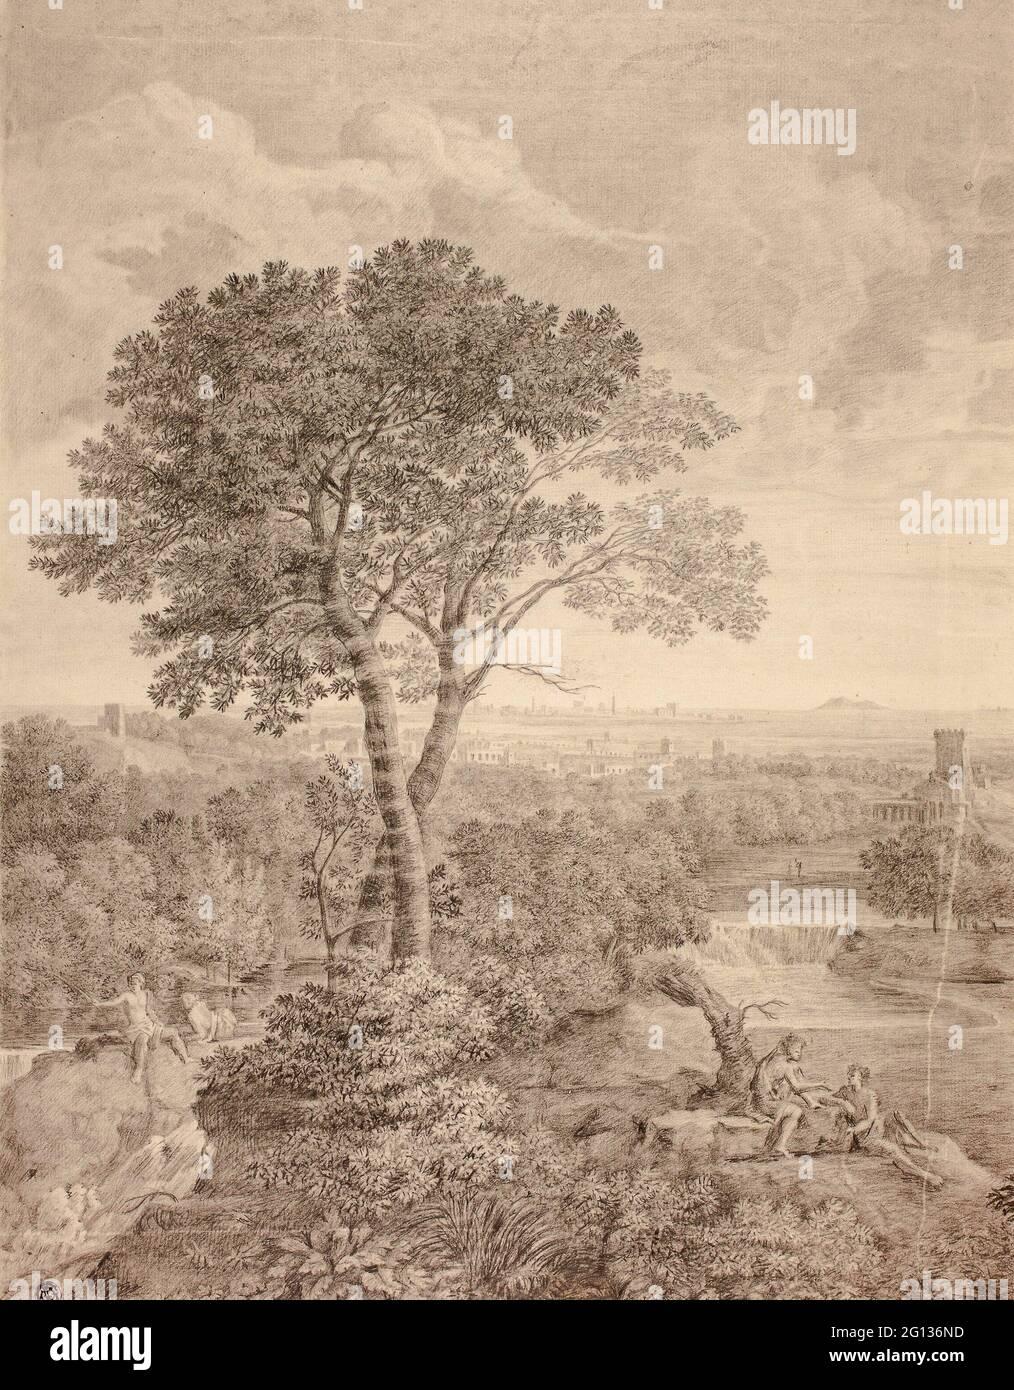 Auteur: Gaspard Dughet. Fresque à Palazzo Colonna, Rome - après Gaspard Dughet Français, 1615-1675. Crayon noir avec craie noire sur les touches Banque D'Images